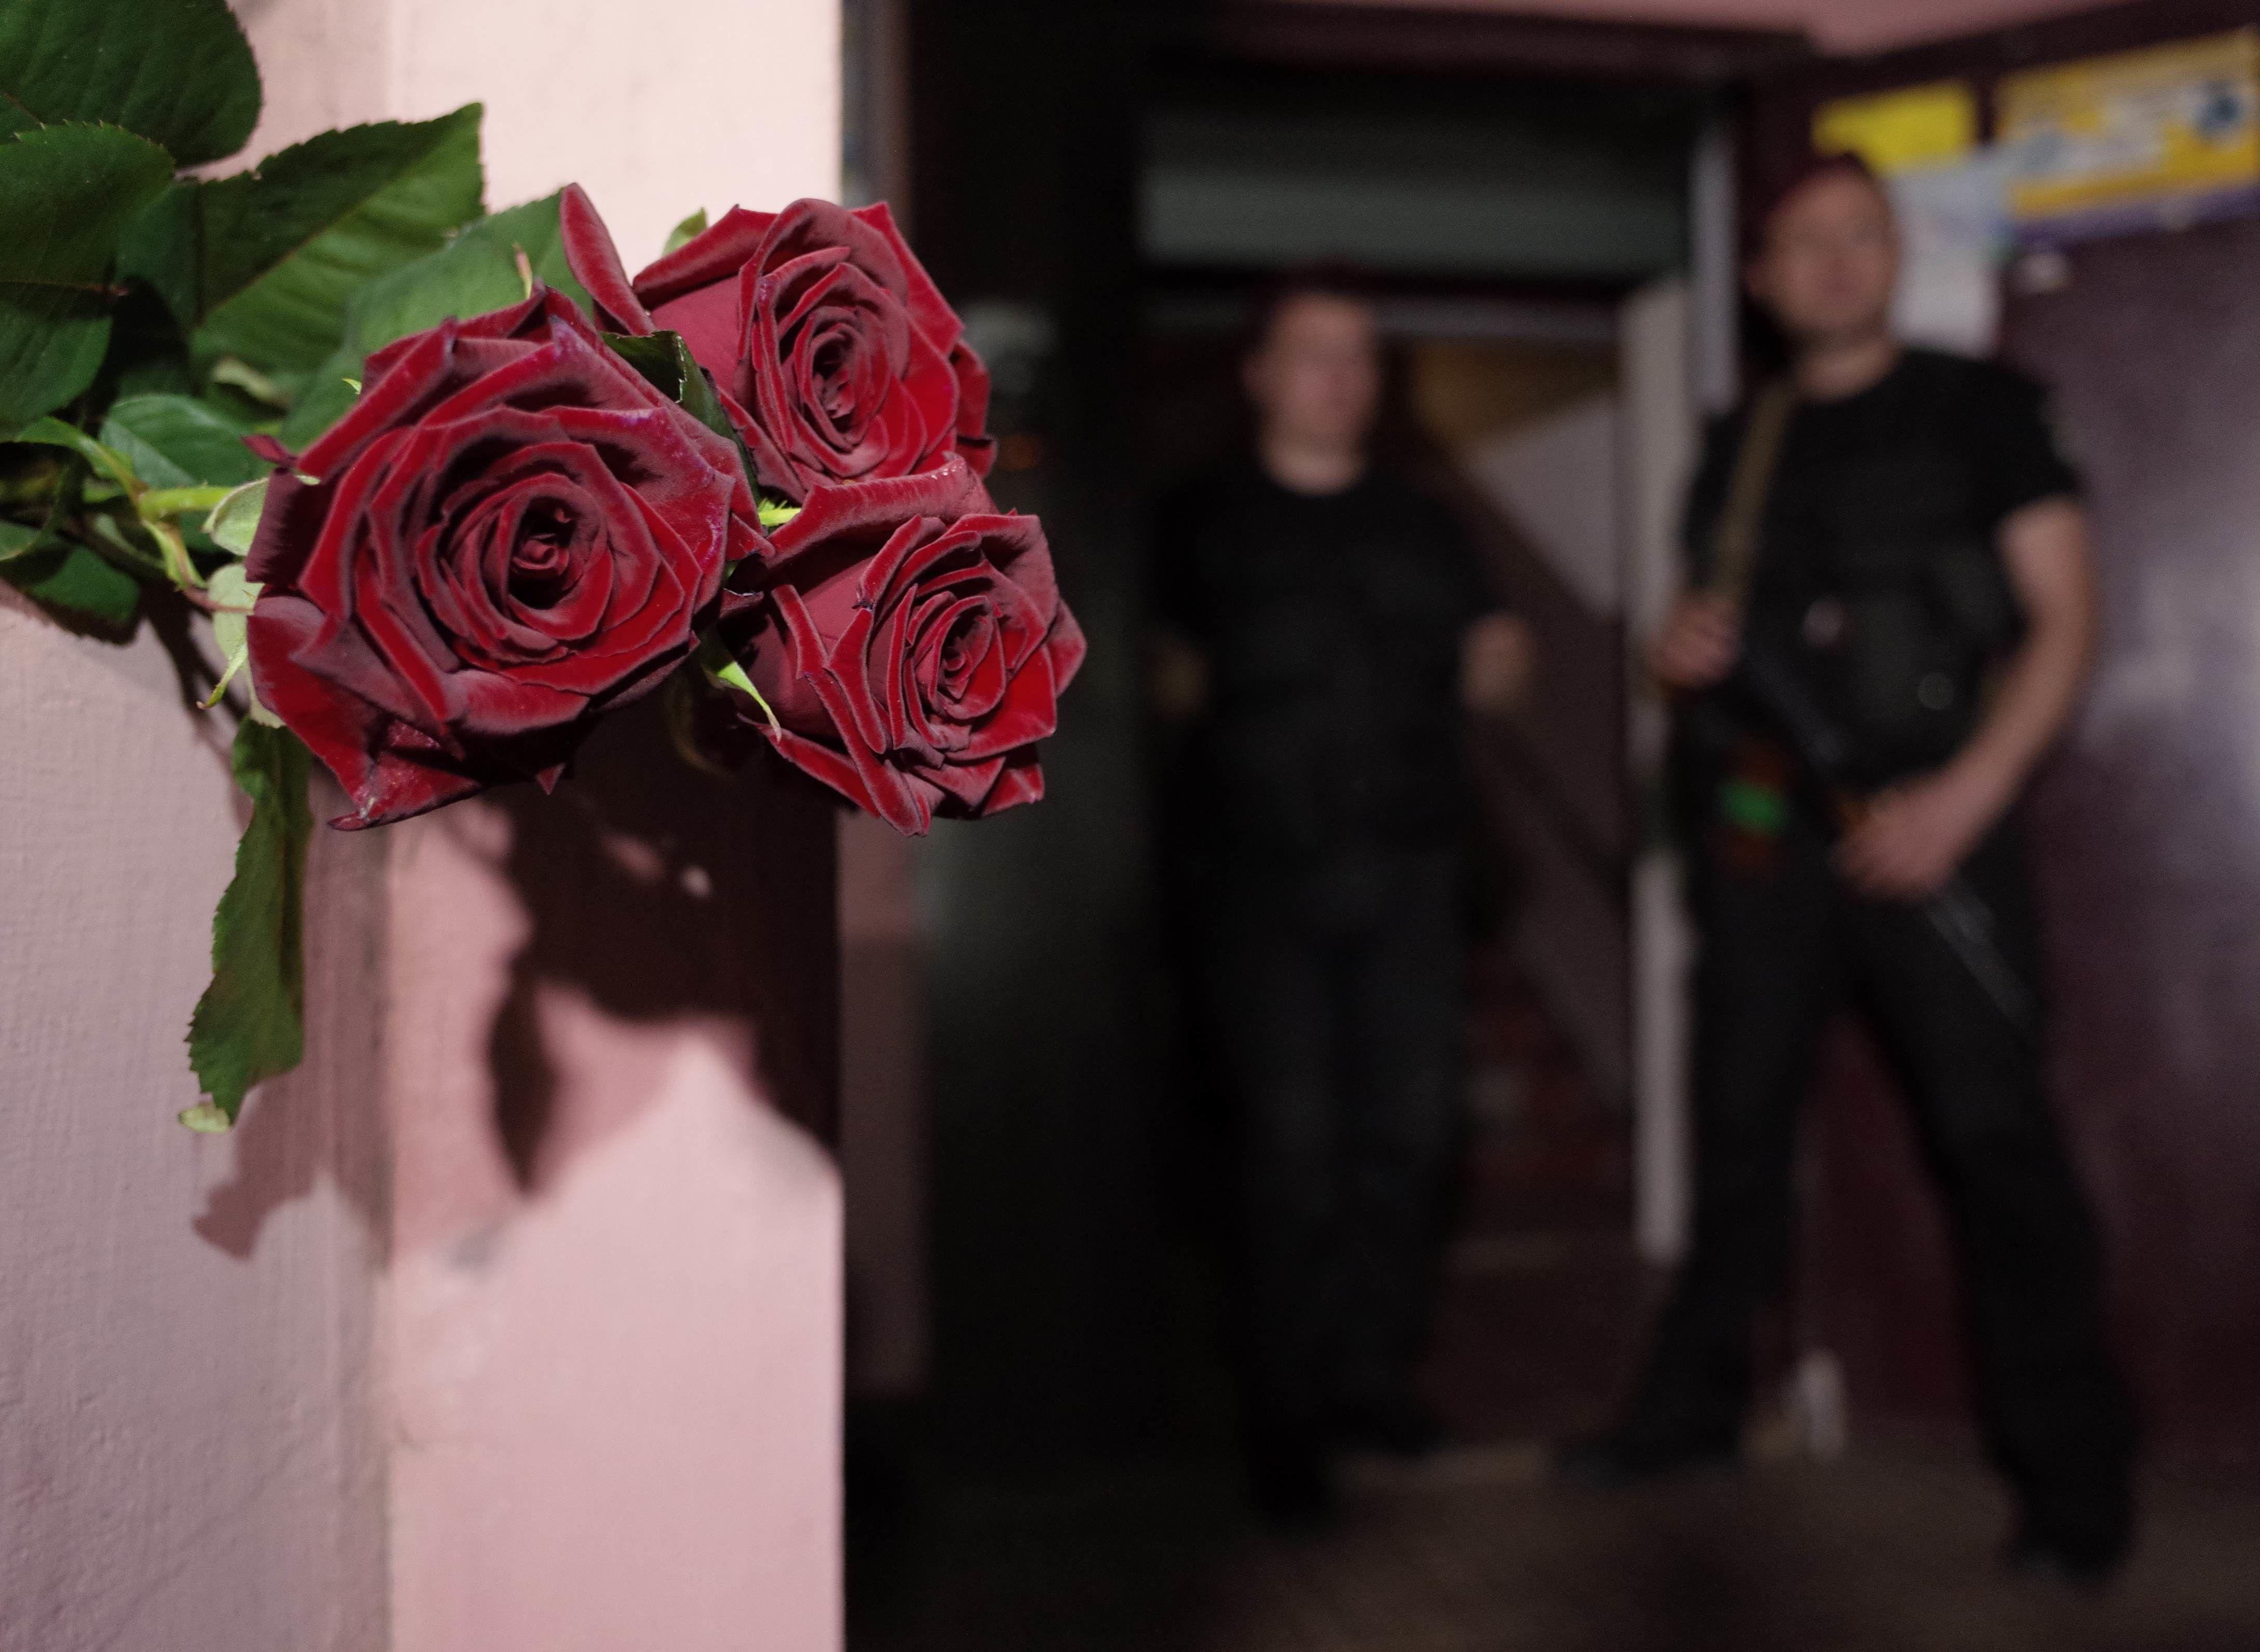 Вбивство Аркадія Бабченка, Бабченко, квіти біля дому